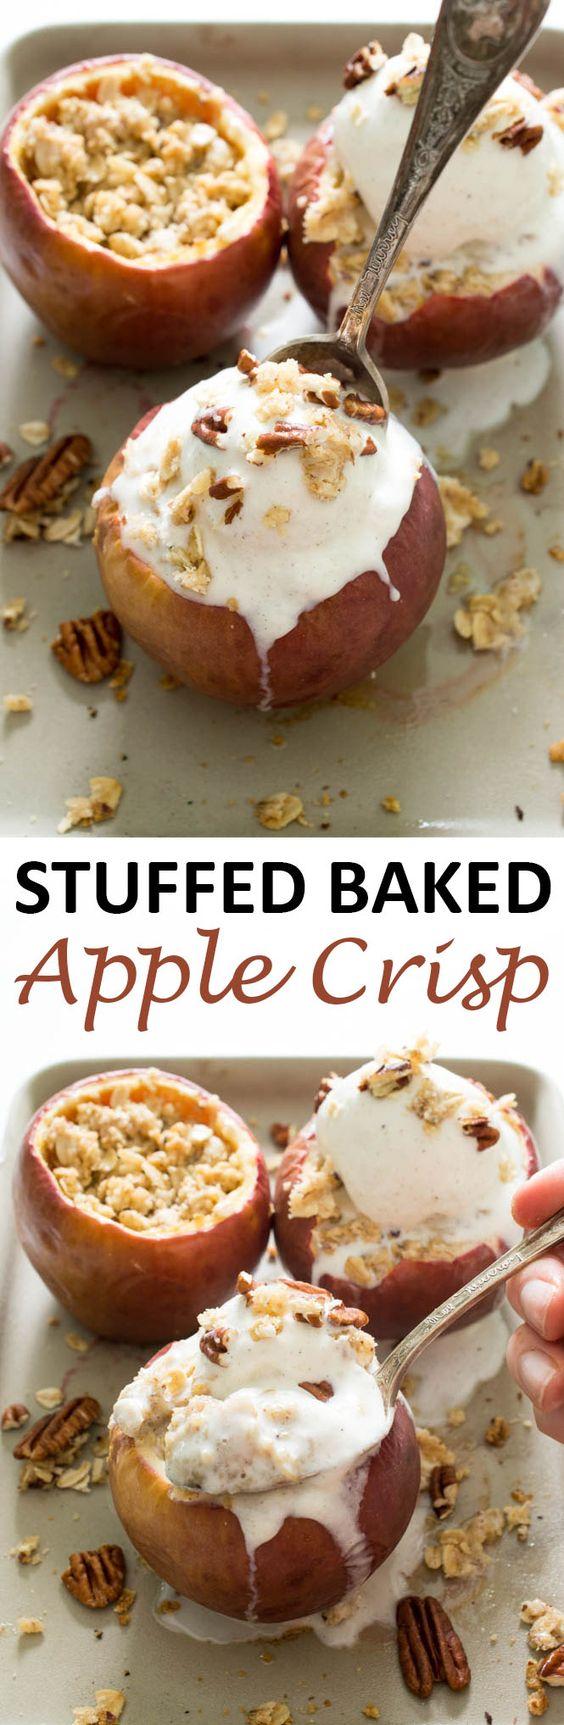 Stuffed Baked Apple Crisp | Recipe | Baked Apple Crisps, Baked Apples ...